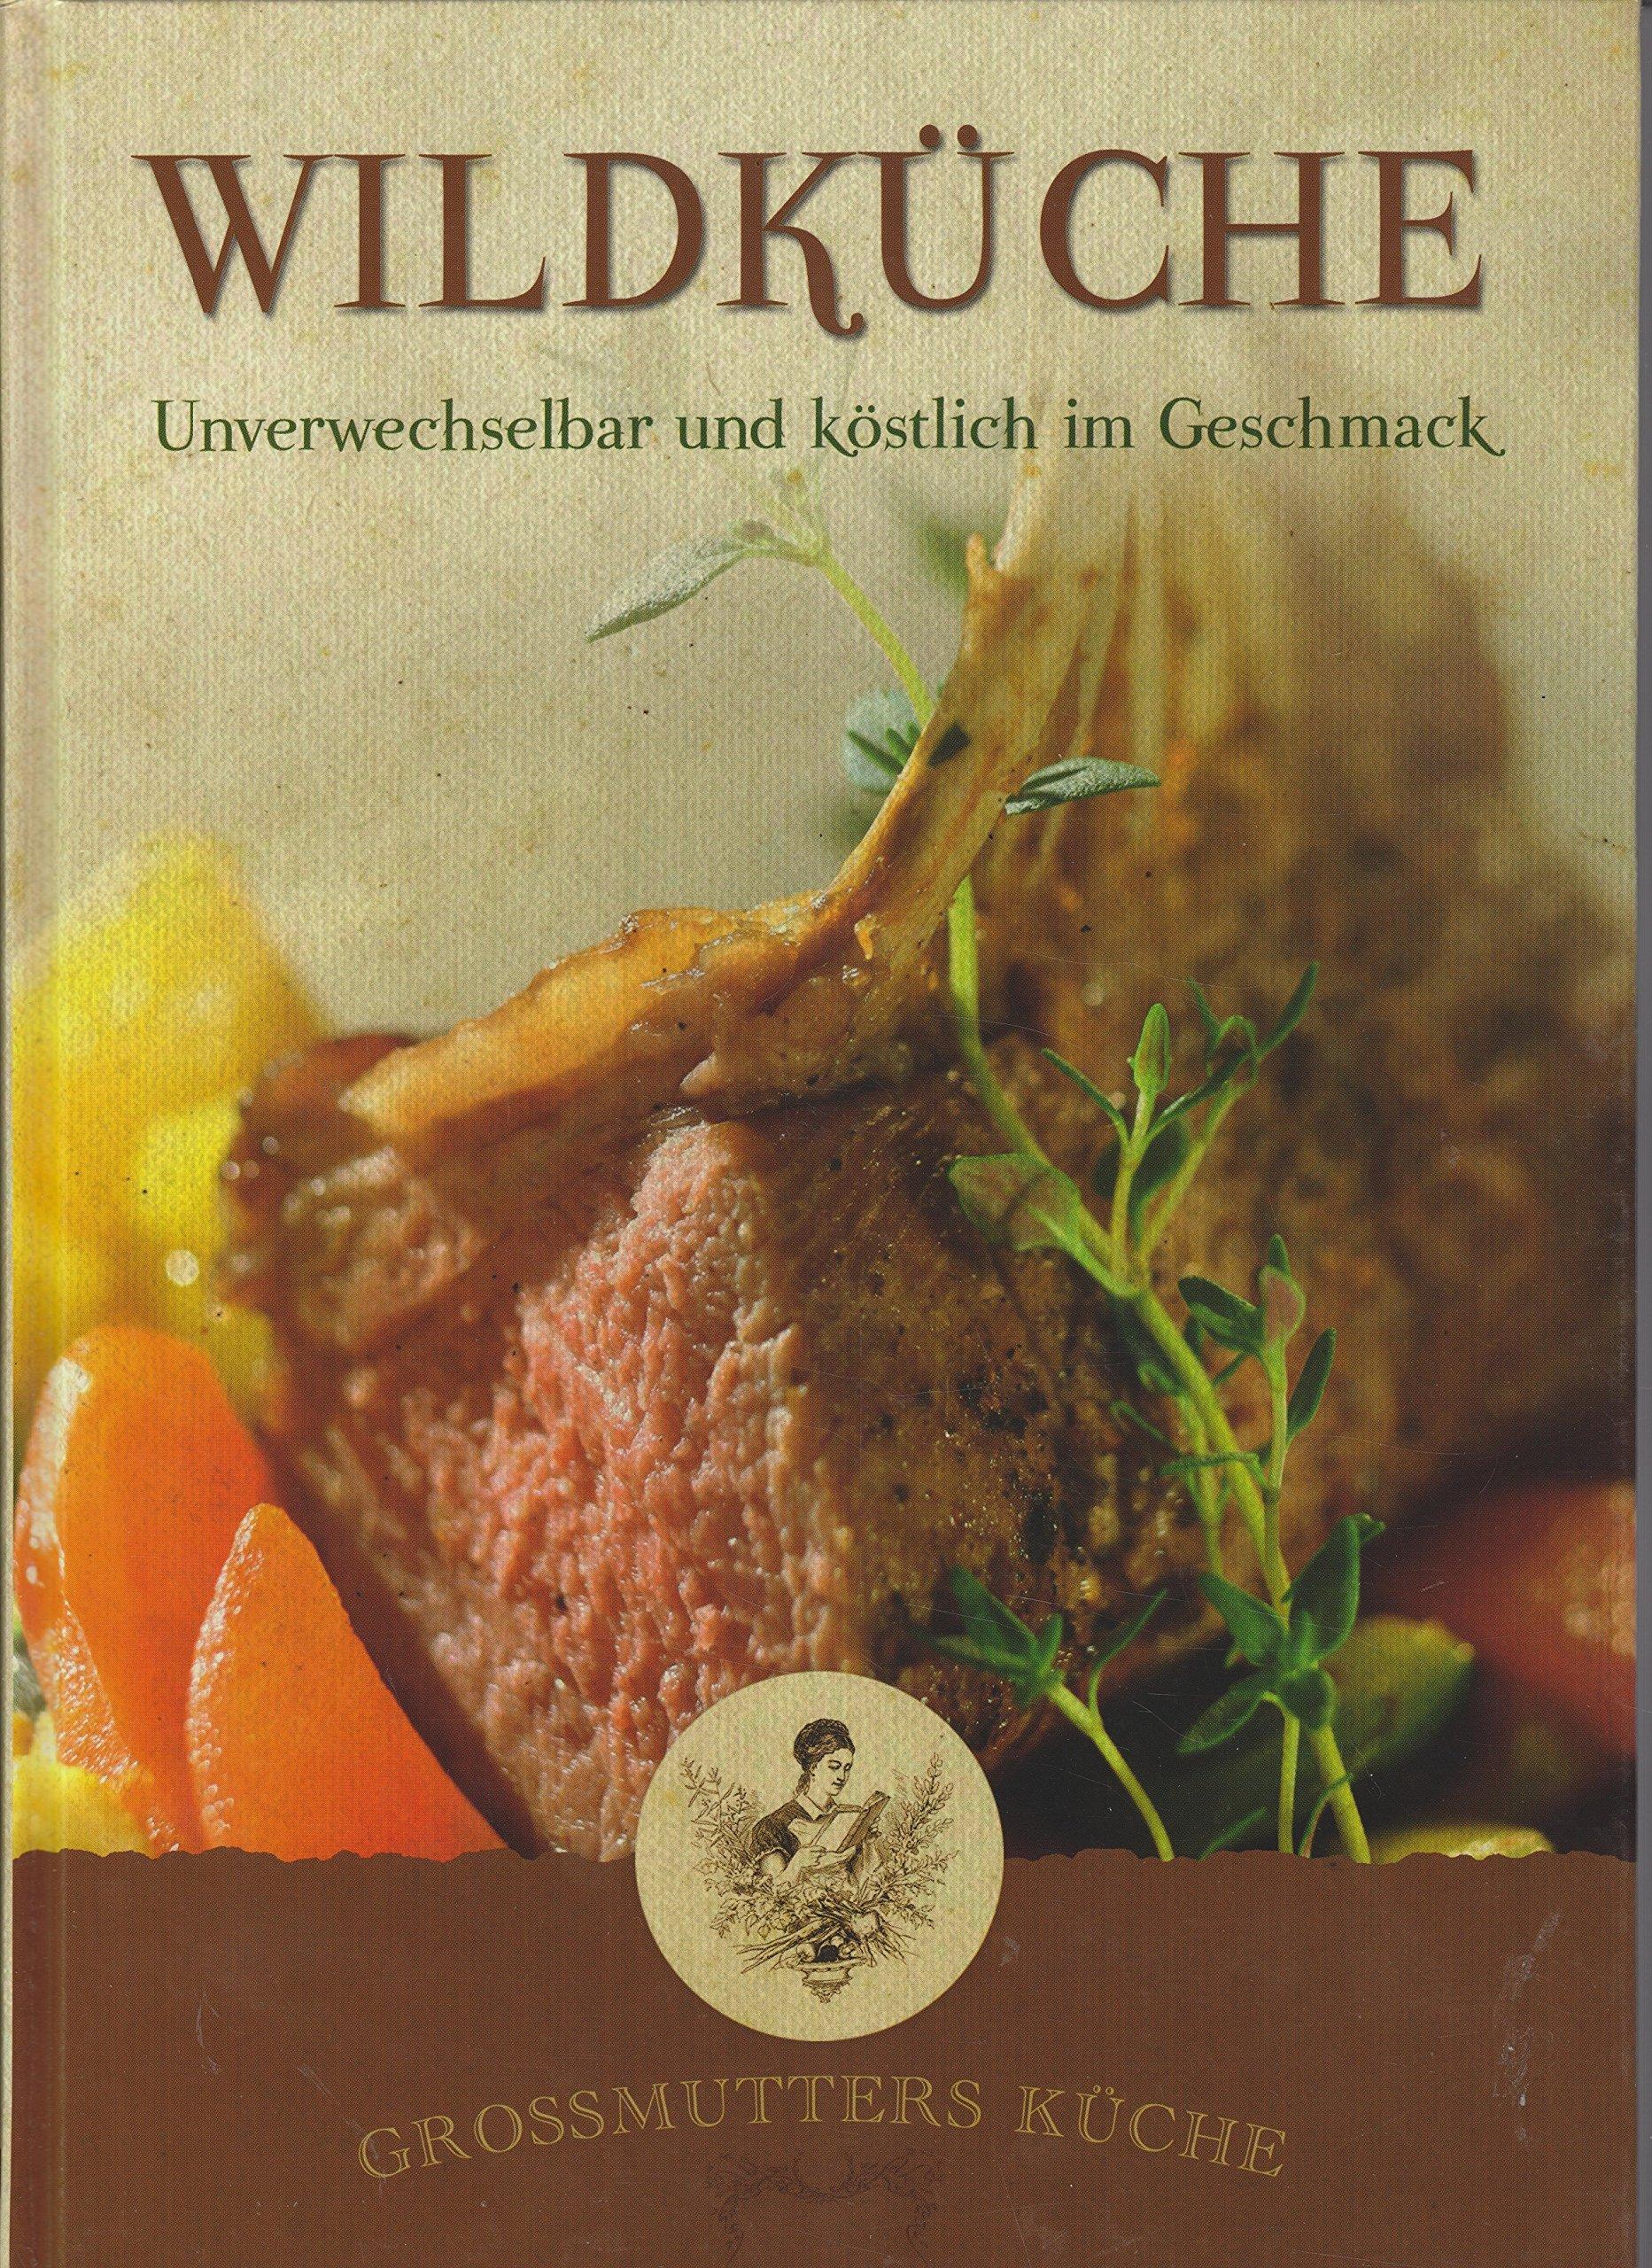 Großmutters Küche - Wildgerichte: Unverwechselbar und köstlich ...